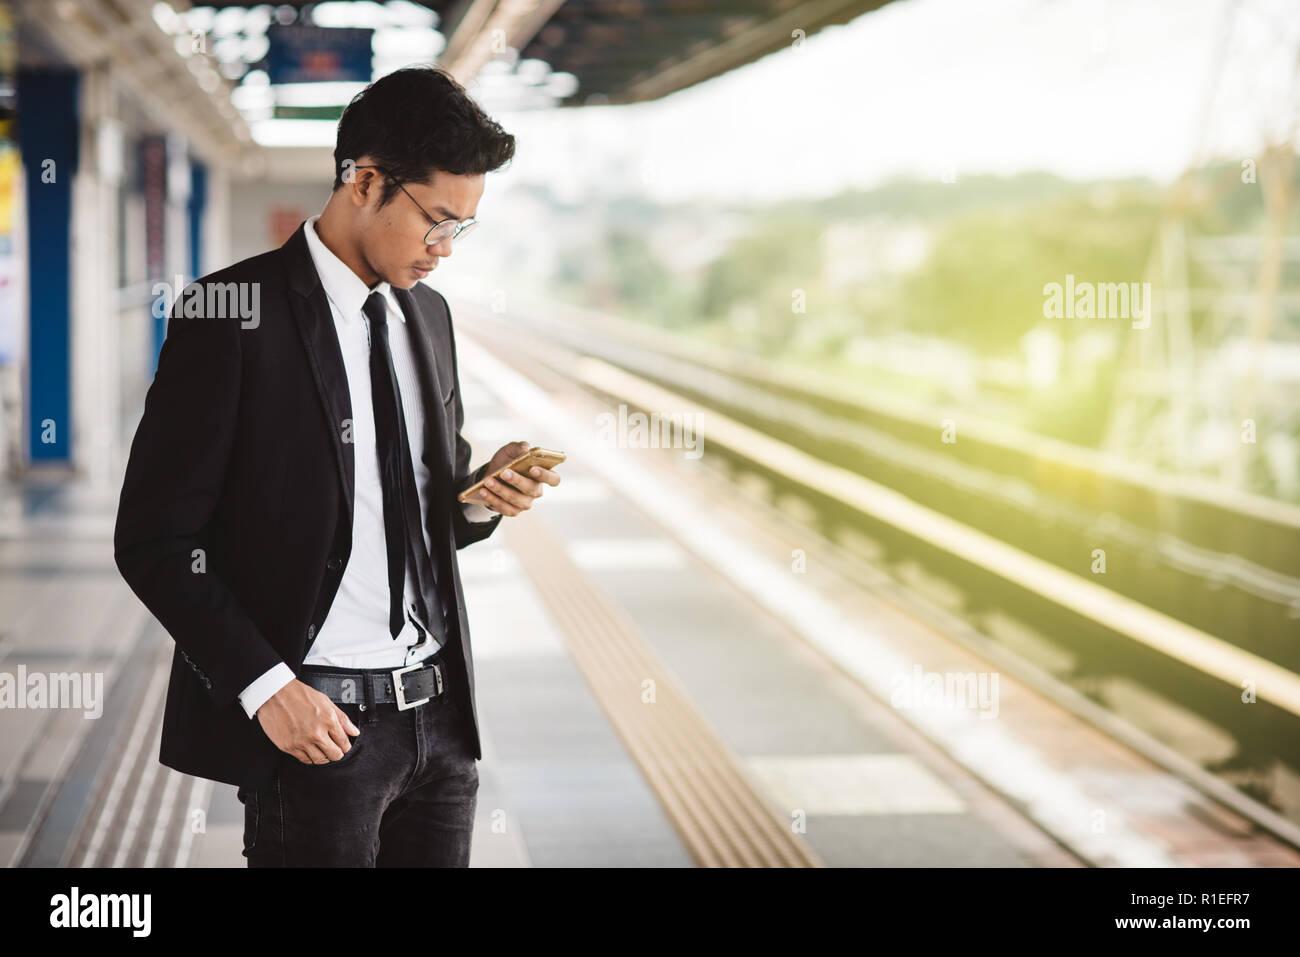 Giovani asiatici imprenditore hipster con lo smartphone in attesa alla piattaforma del treno. Concetto di tecnologia wireless, i trasporti pubblici e il business travel Foto Stock